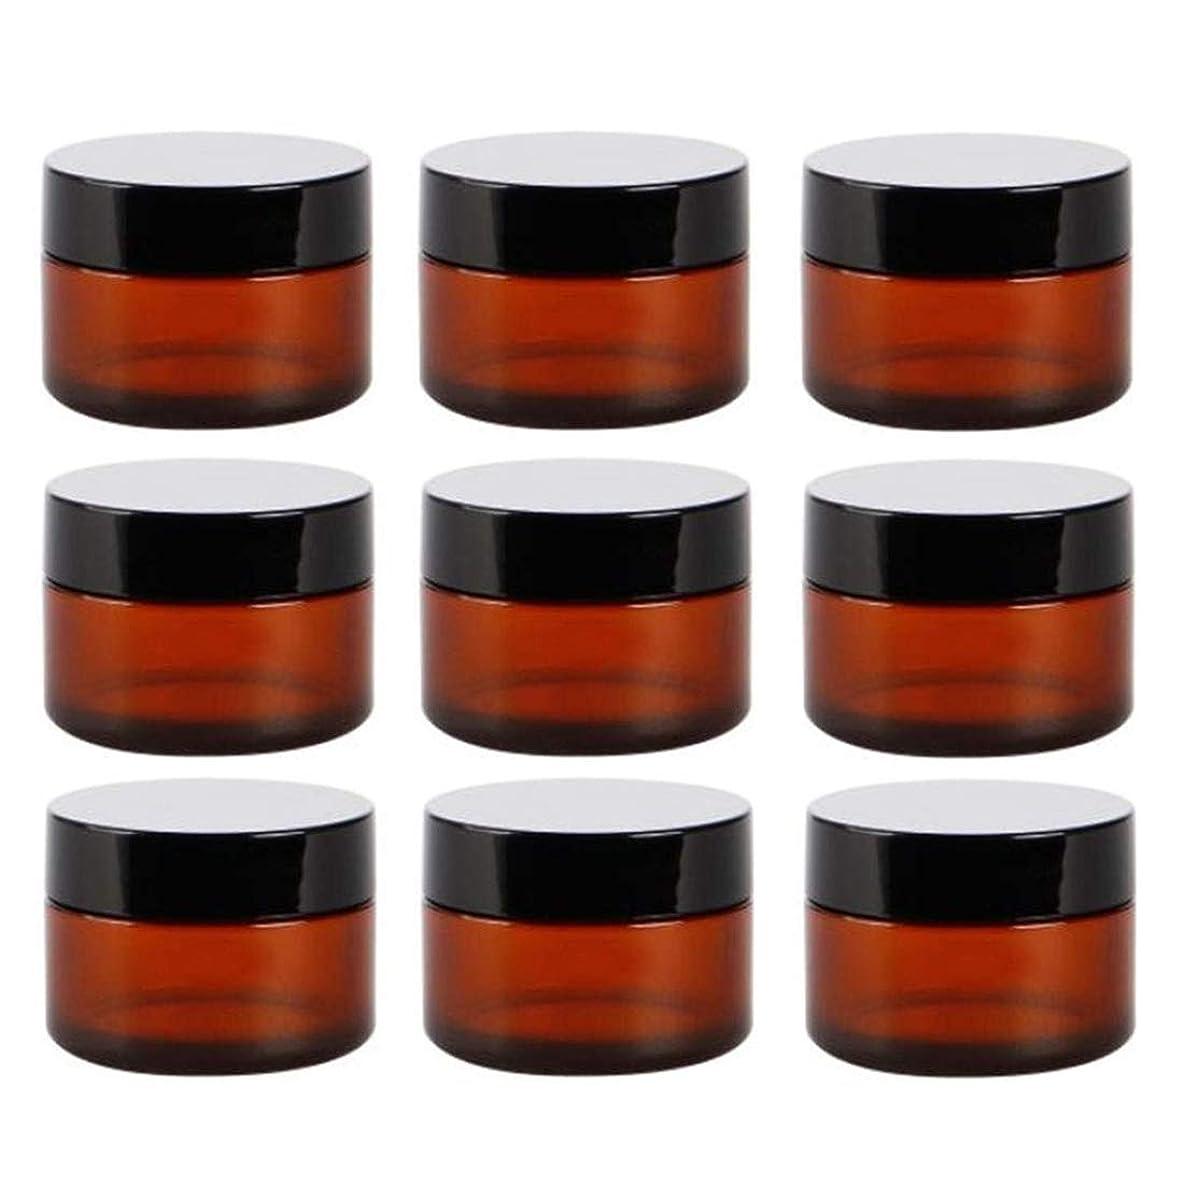 伝染病勤勉なエジプト人アロマオイル 精油 香水やアロマの保存 小分け用 遮光瓶 詰替え ガラス製 9本セット茶色10g